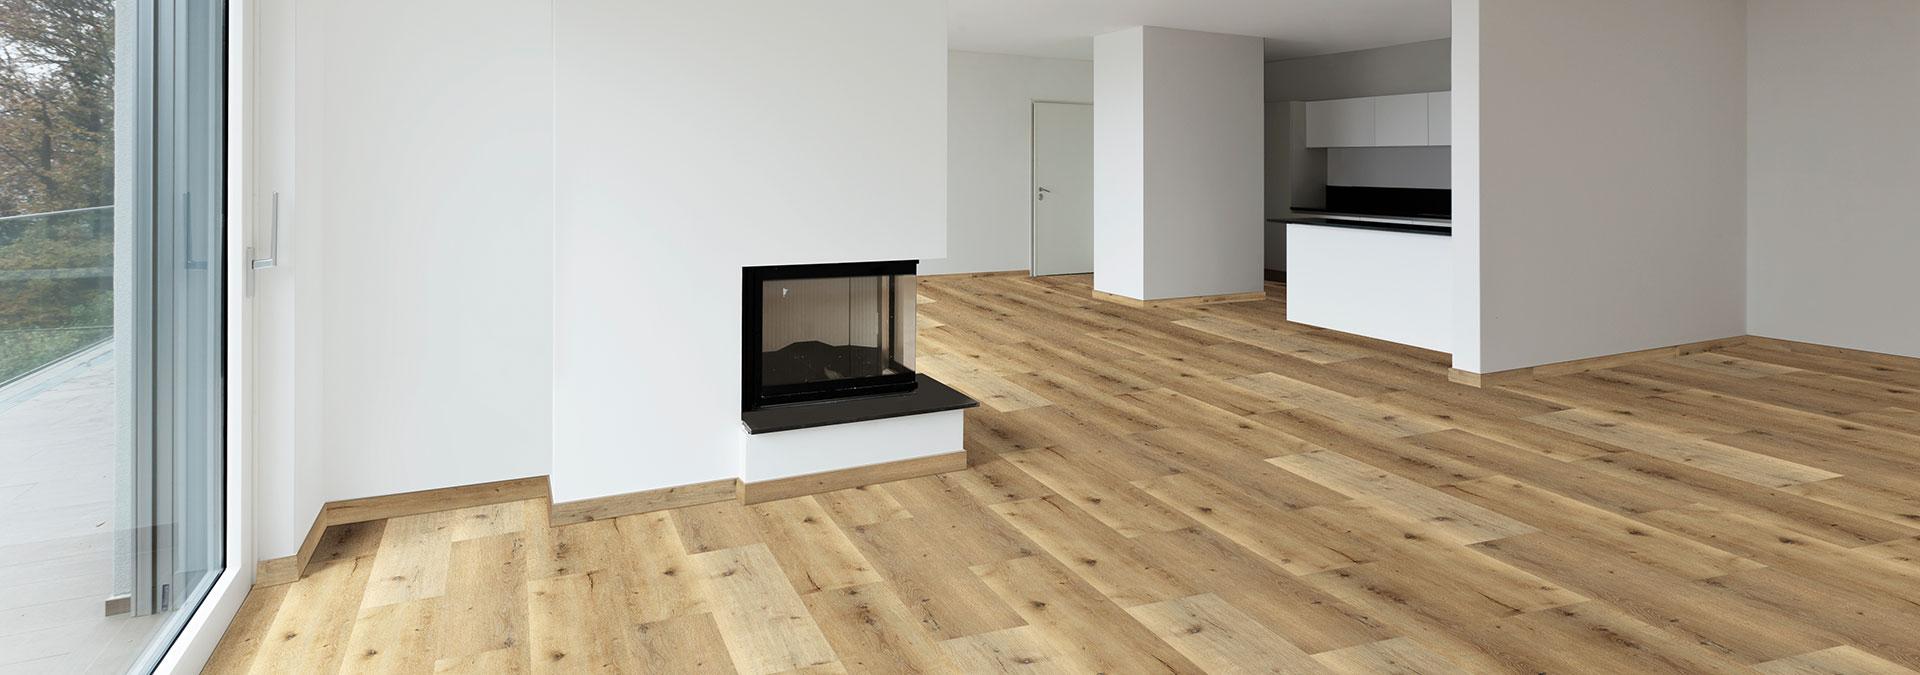 Designboden Eiche Trentino im Wohnzimmer